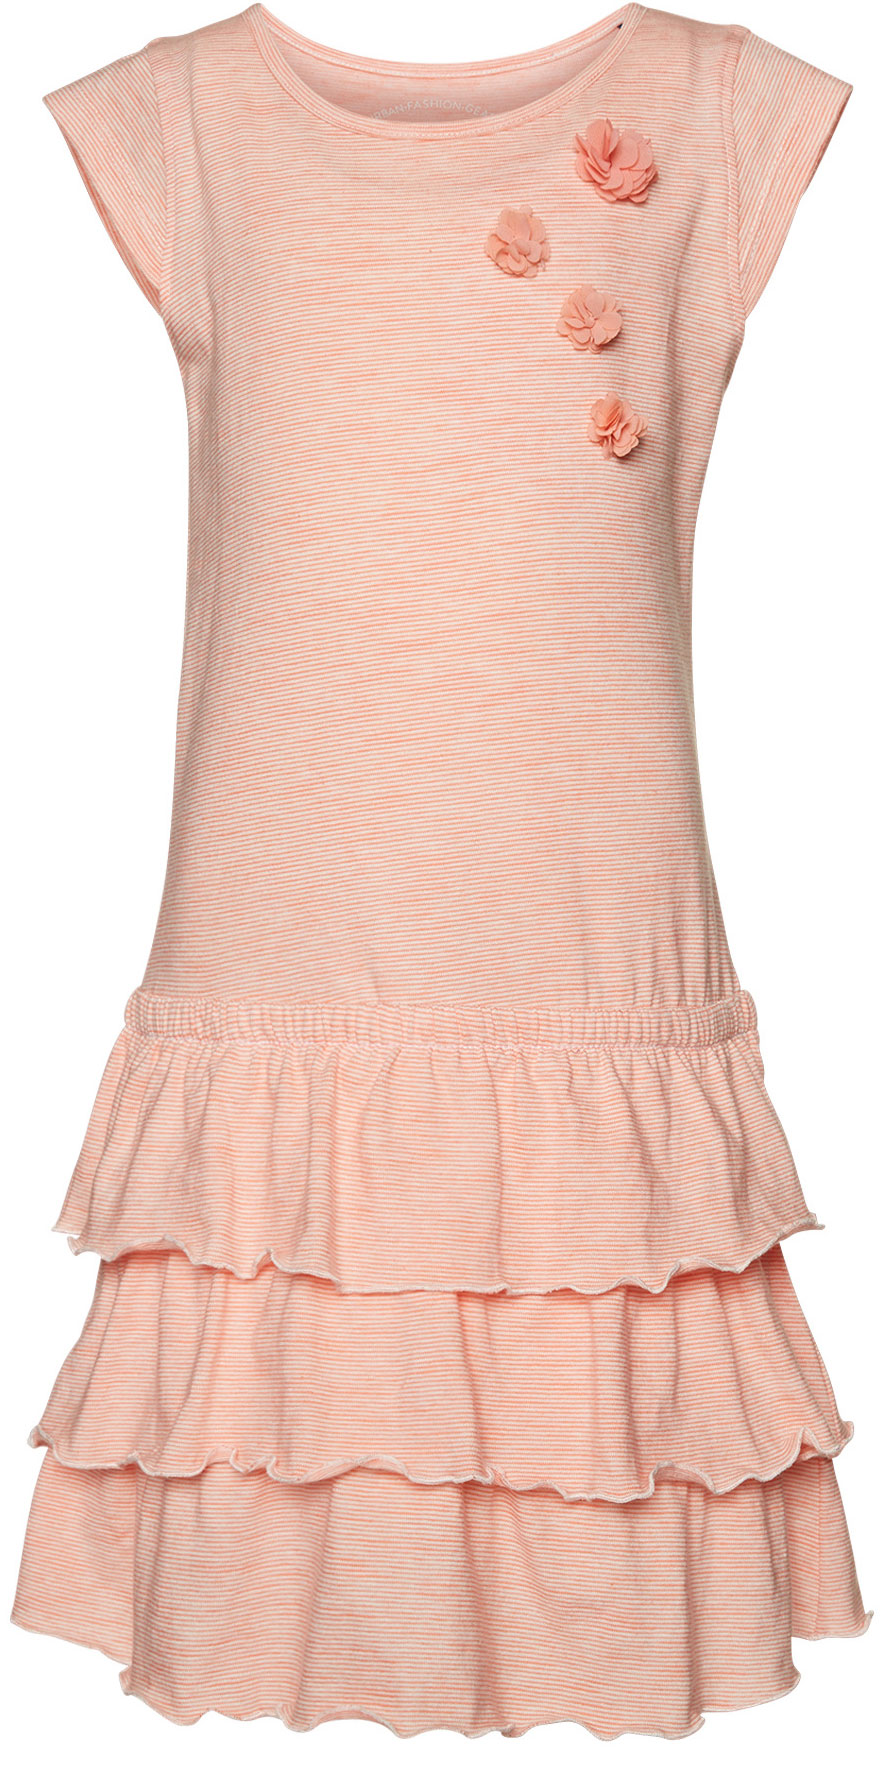 Платье для девочки Tom Tailor, цвет: оранжевый, белый. 5019623.00.81_3335. Размер 116/1225019623.00.81_3335Яркое платье для девочки Tom Tailor выполнено из качественного хлопка. Модель трапециевидного кроя с круглым вырезом горловины, короткими рукавами-крылышками и юбкой-воланом оформлена принтом в полоску и украшена аппликацией в виде объемных цветочков.